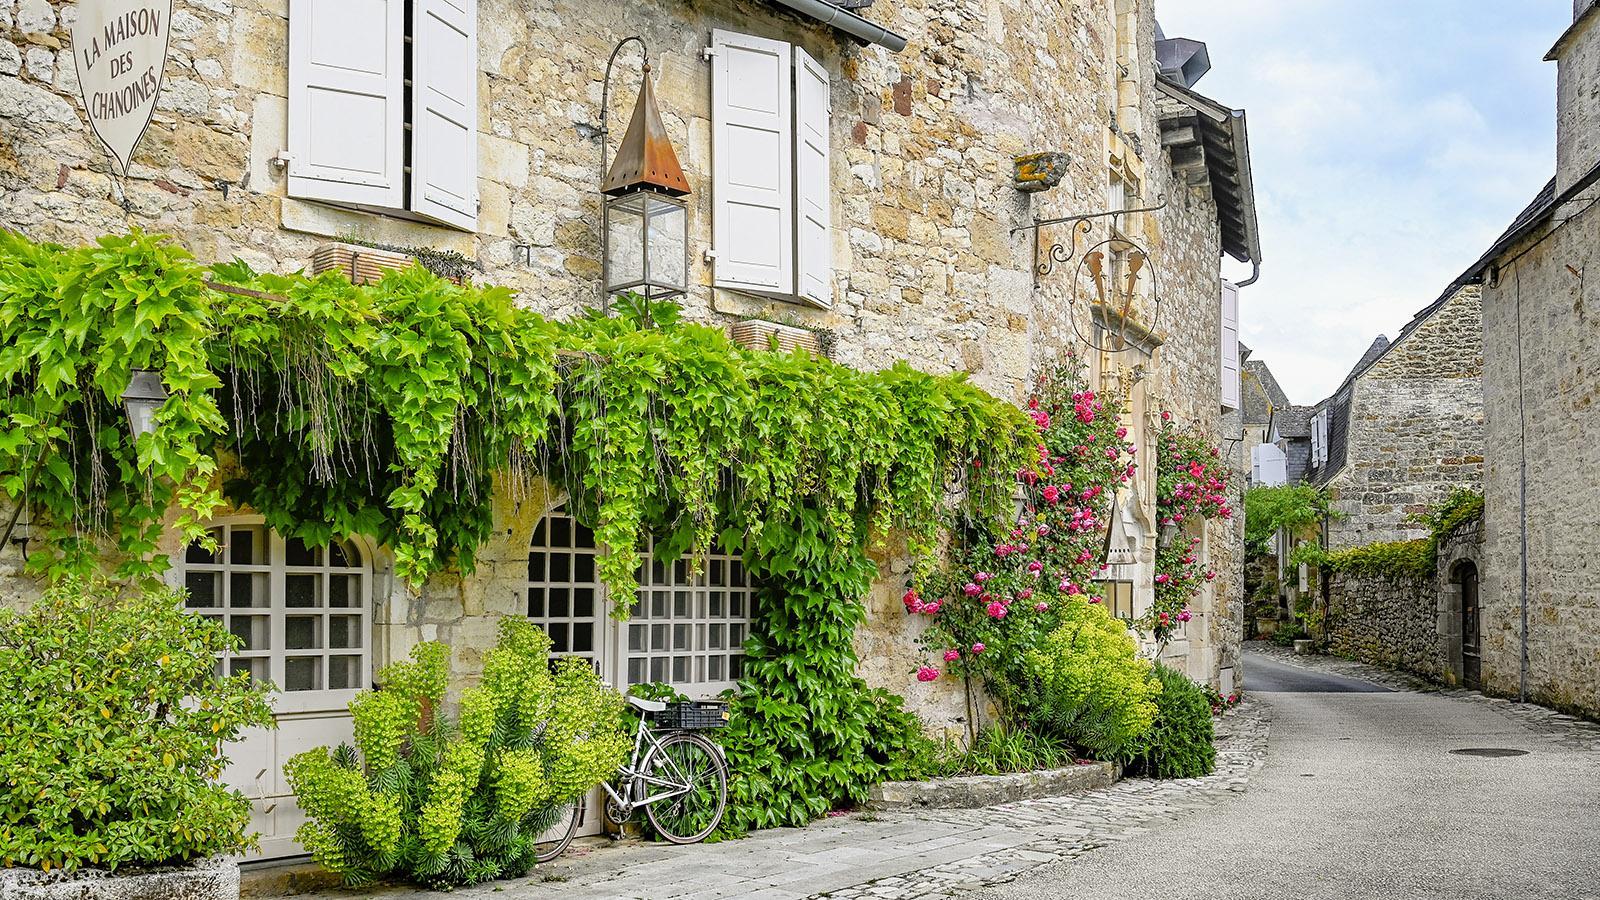 Malerisch: <em>La maison des chanoines </em>. Foto: Hilke Maunder